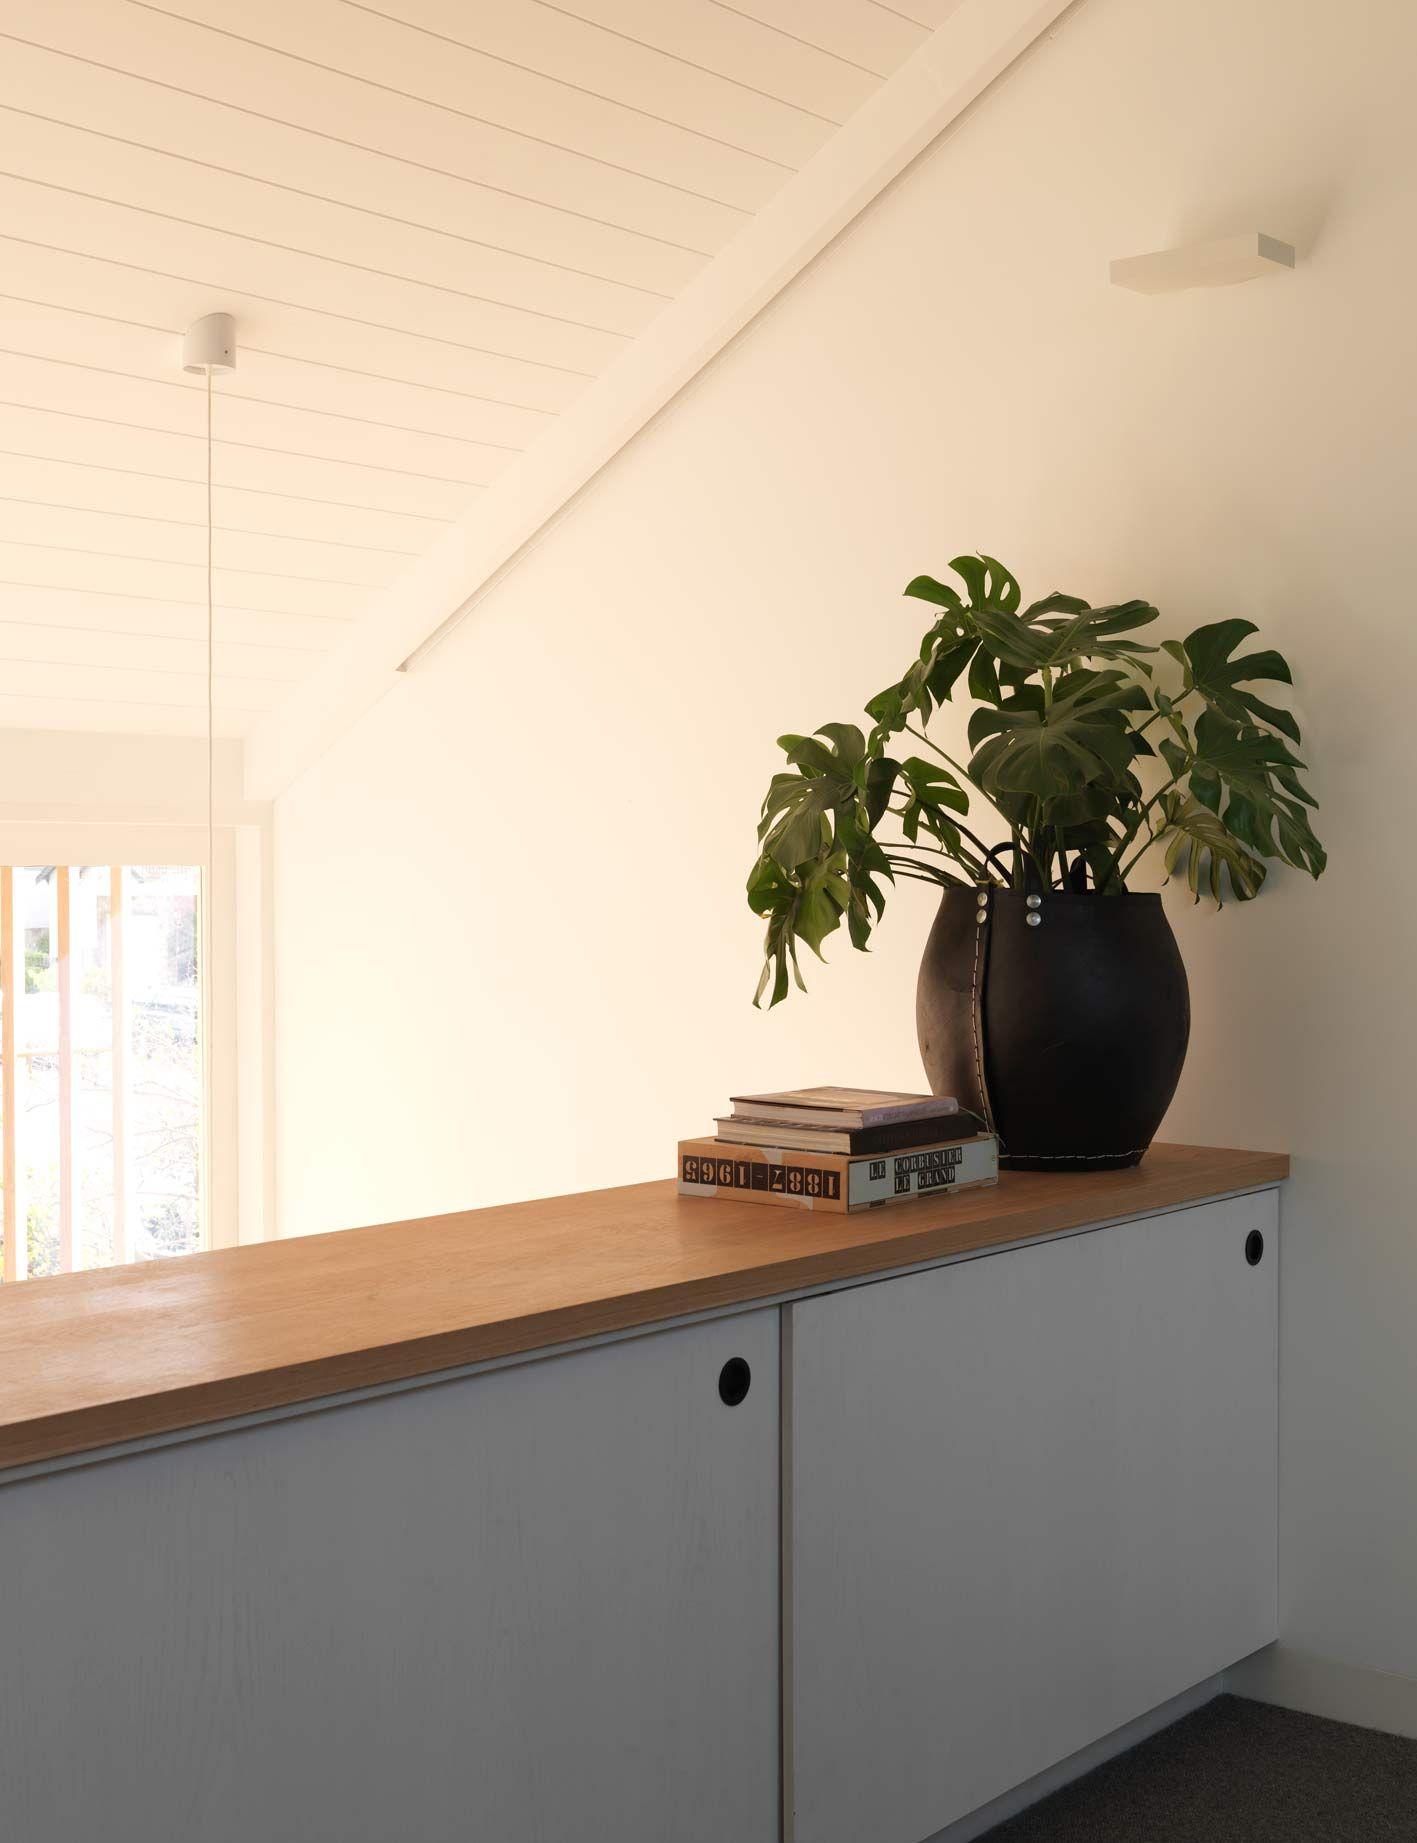 bondi barn interiors featuring designer doorware flush pulls bondi barn interiors featuring designer doorware flush pulls projects hardware design